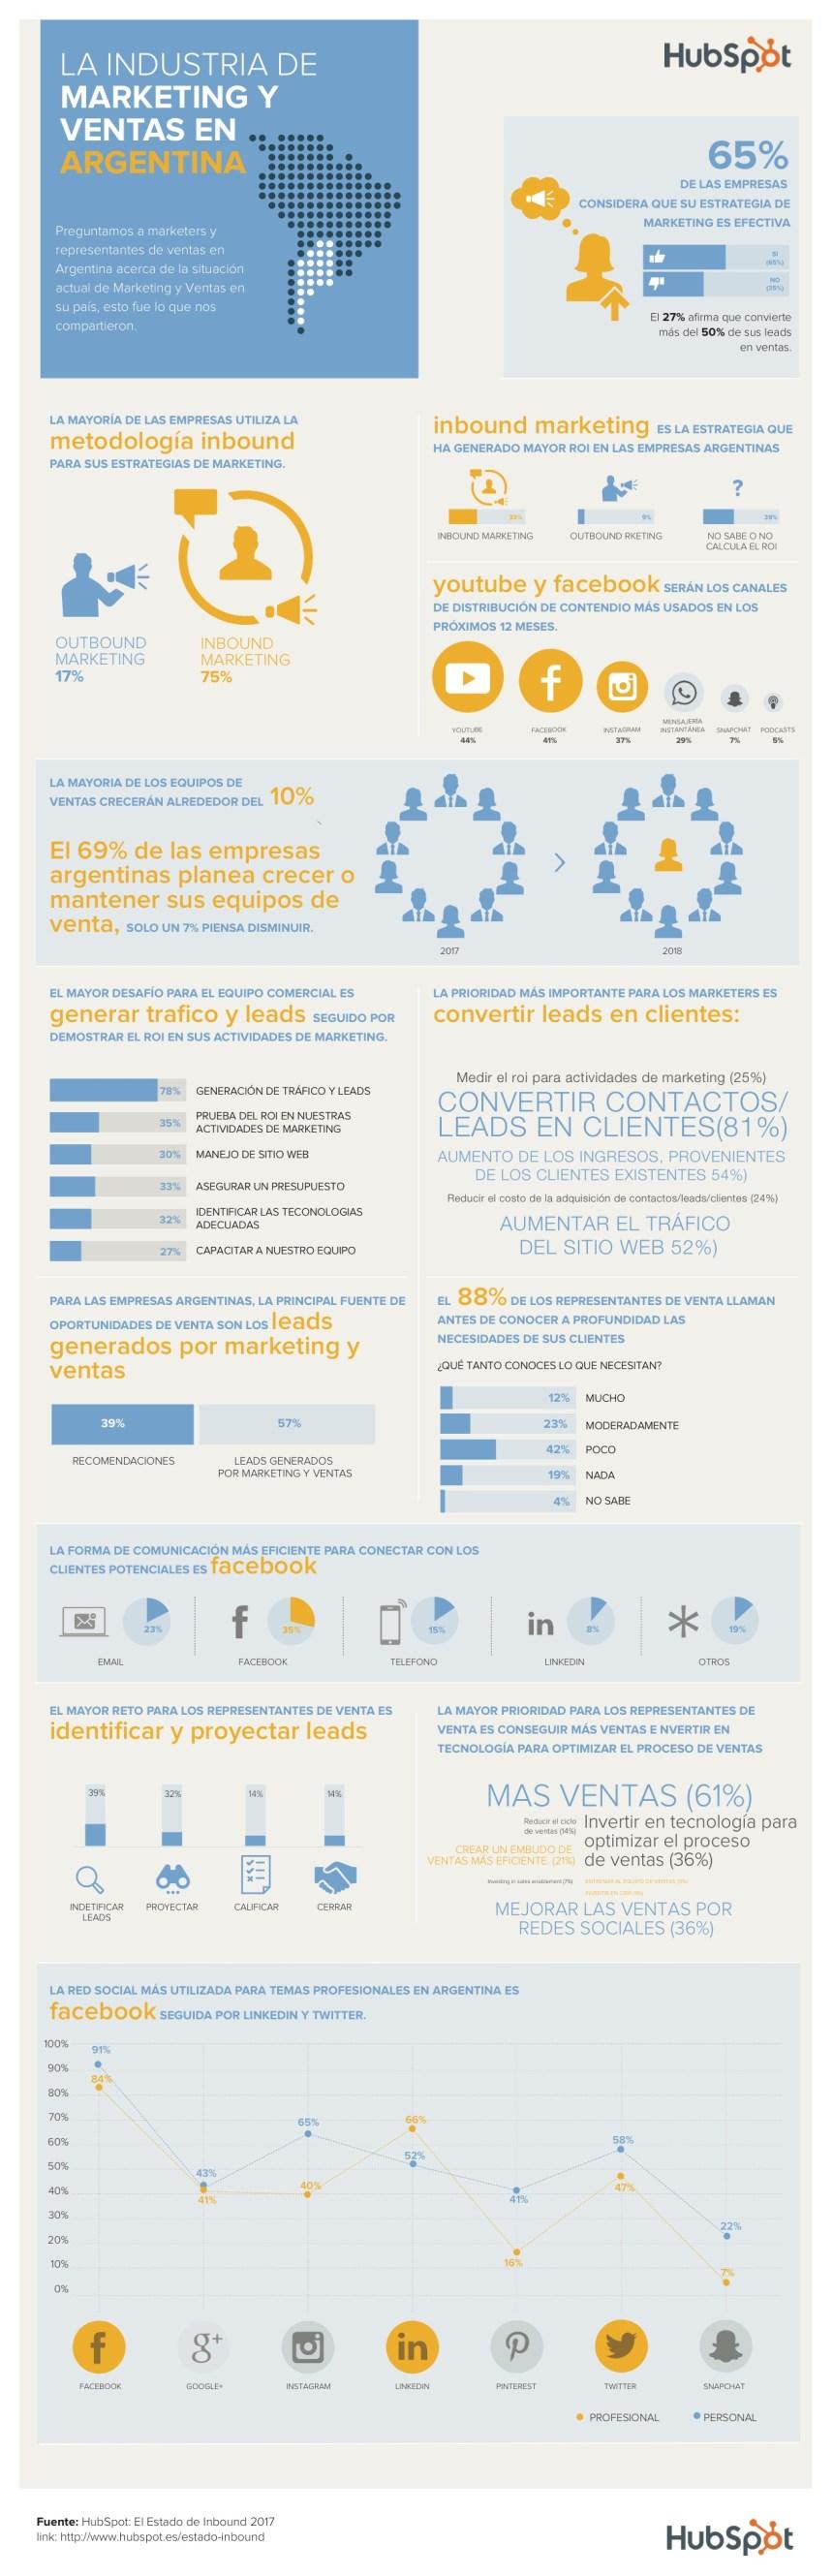 La industria de Marketing y Ventas en Argentina